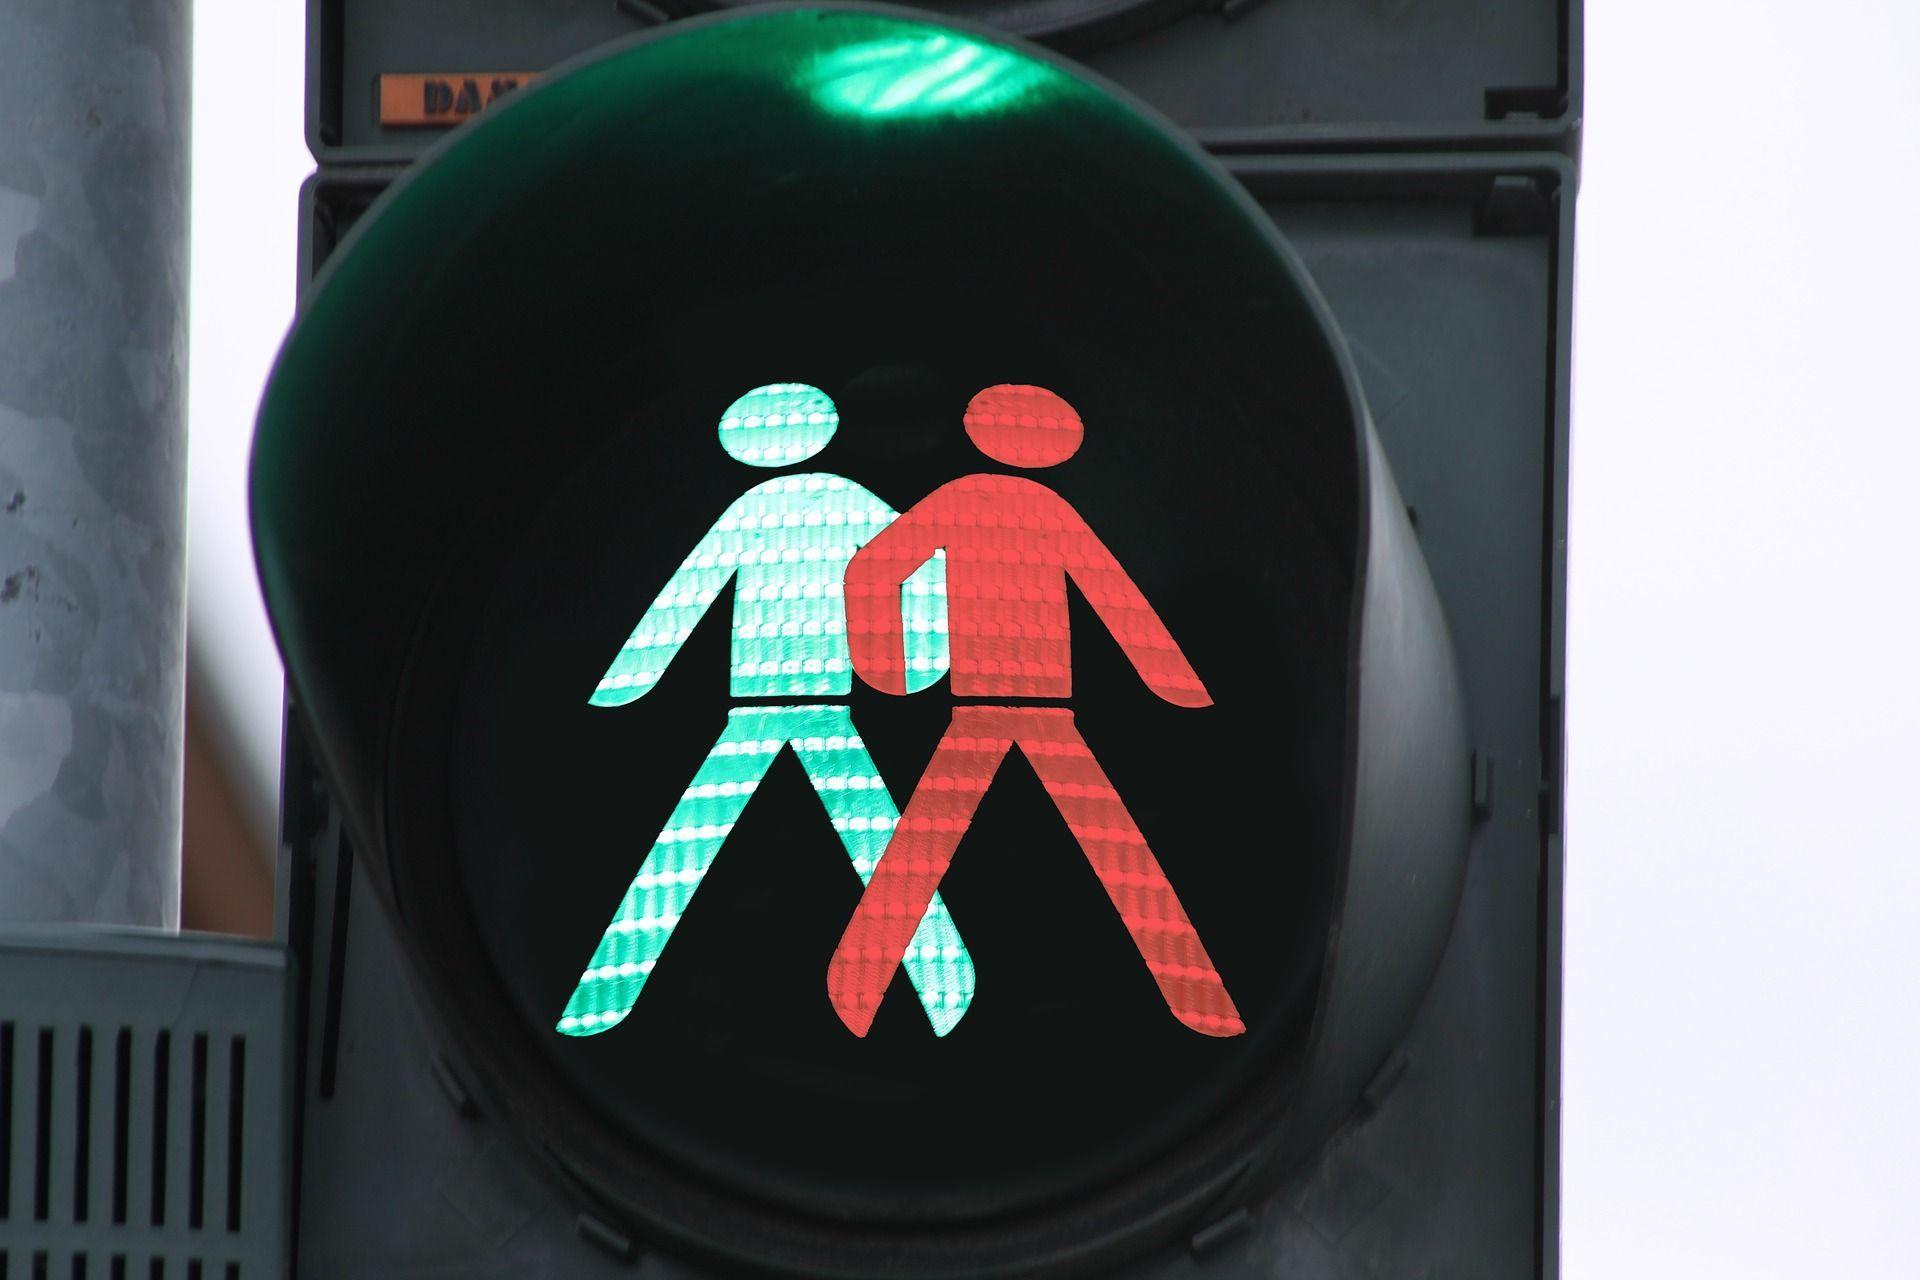 traffic lights pedestrian